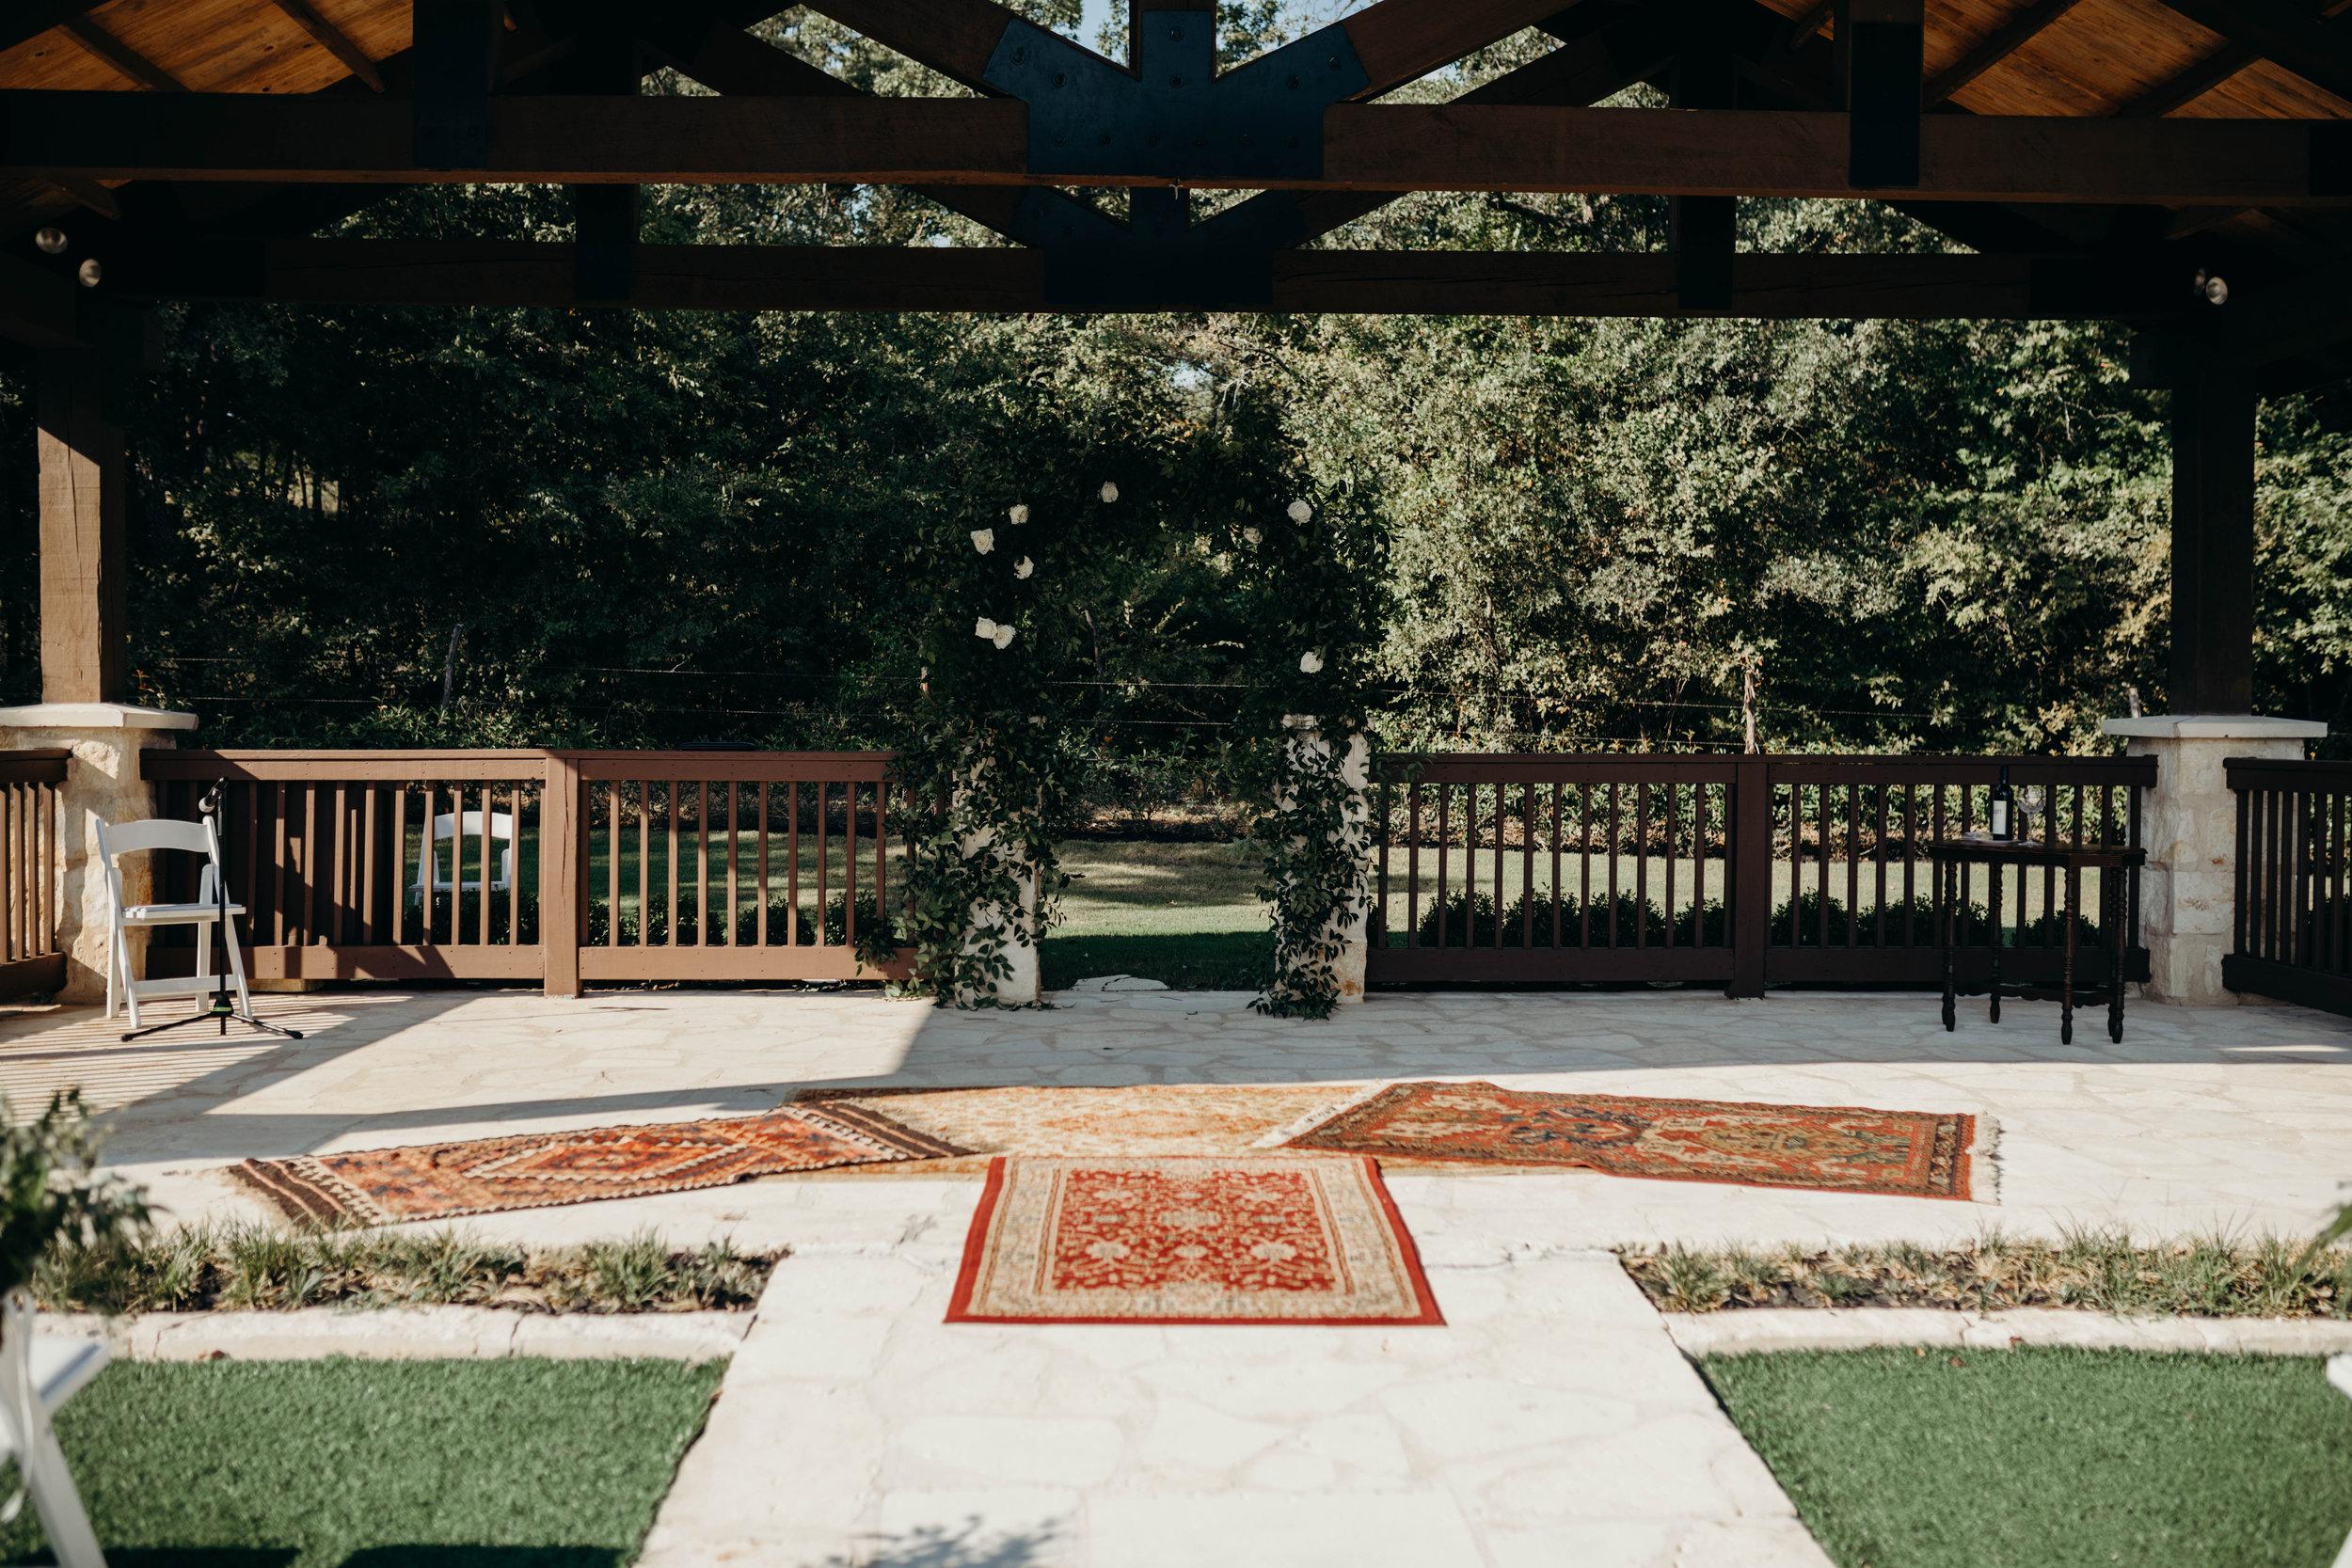 dietzen_aubrey-texas-the-springs-wedding_016-1.jpg